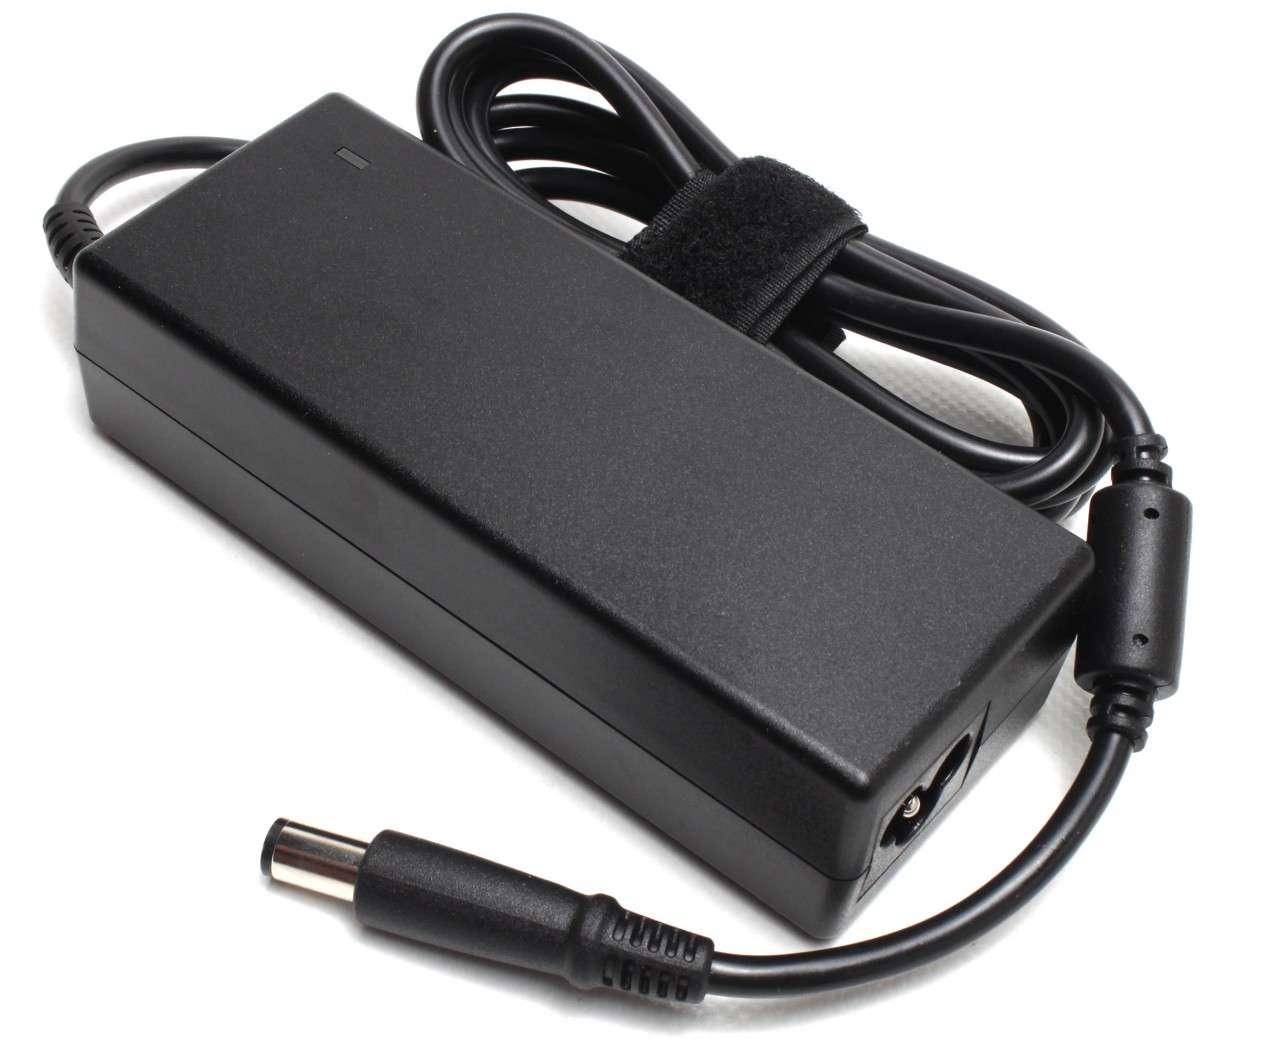 Incarcator Dell Vostro 2521 VARIANTA 3 imagine powerlaptop.ro 2021